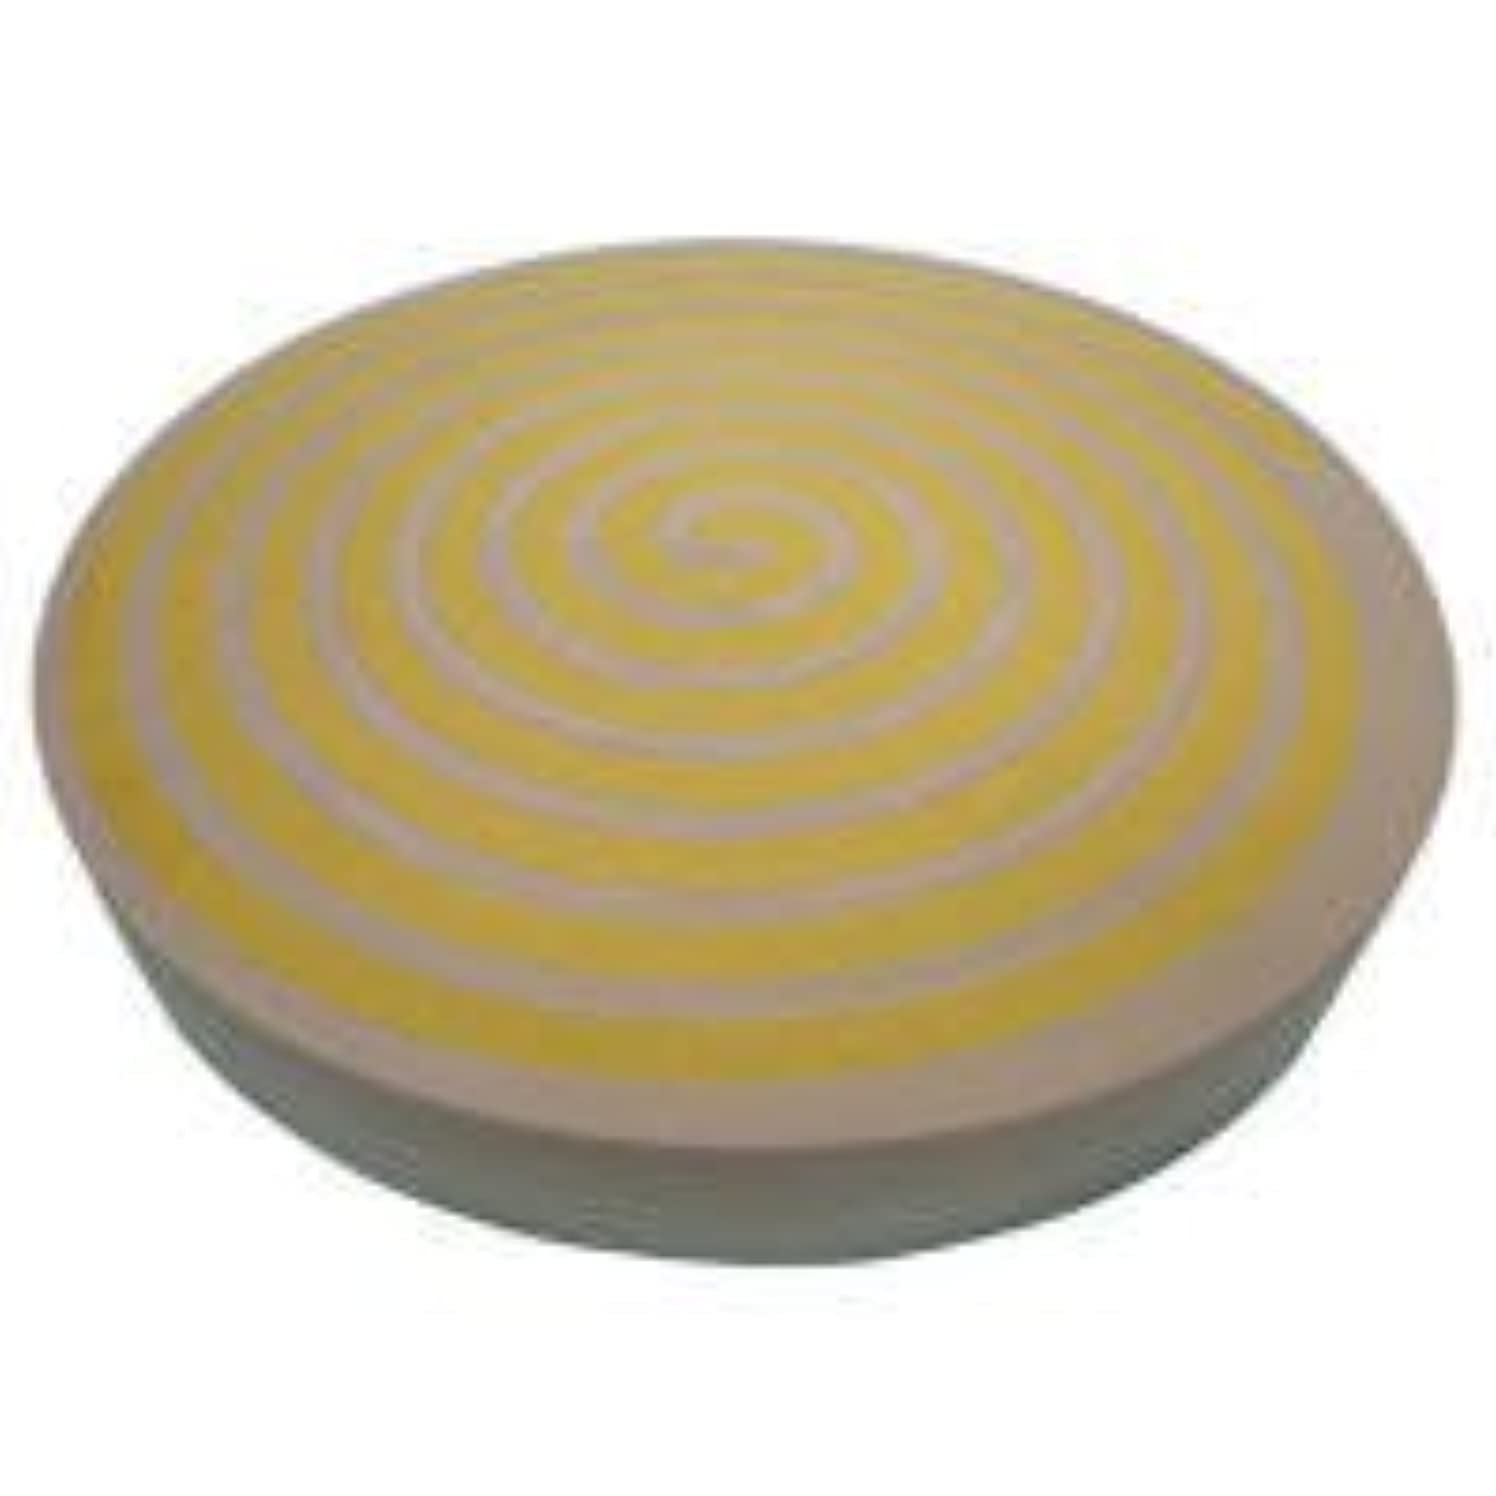 自分の力ですべてをする賢い一族Azenta Products 42706 ~ 6 Hour Spiral ~ 6 Hour Powder Incense Stone Burner by Azenta